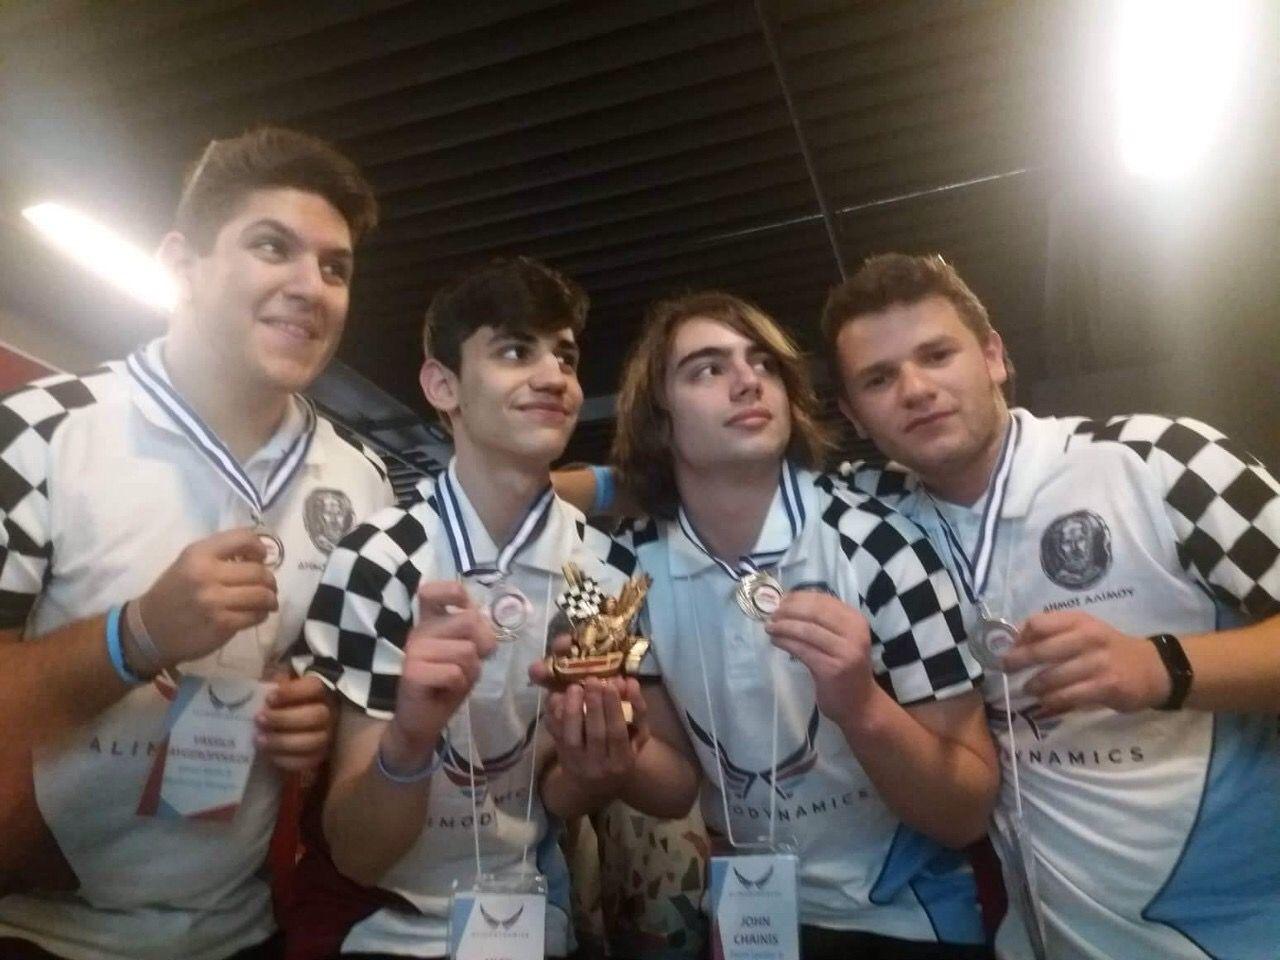 Οι AlimoDynamics πάνε Abu Dhabi: Κατέκτησαν τη δεύτερη θέση τους τελικούς του F1 in schools